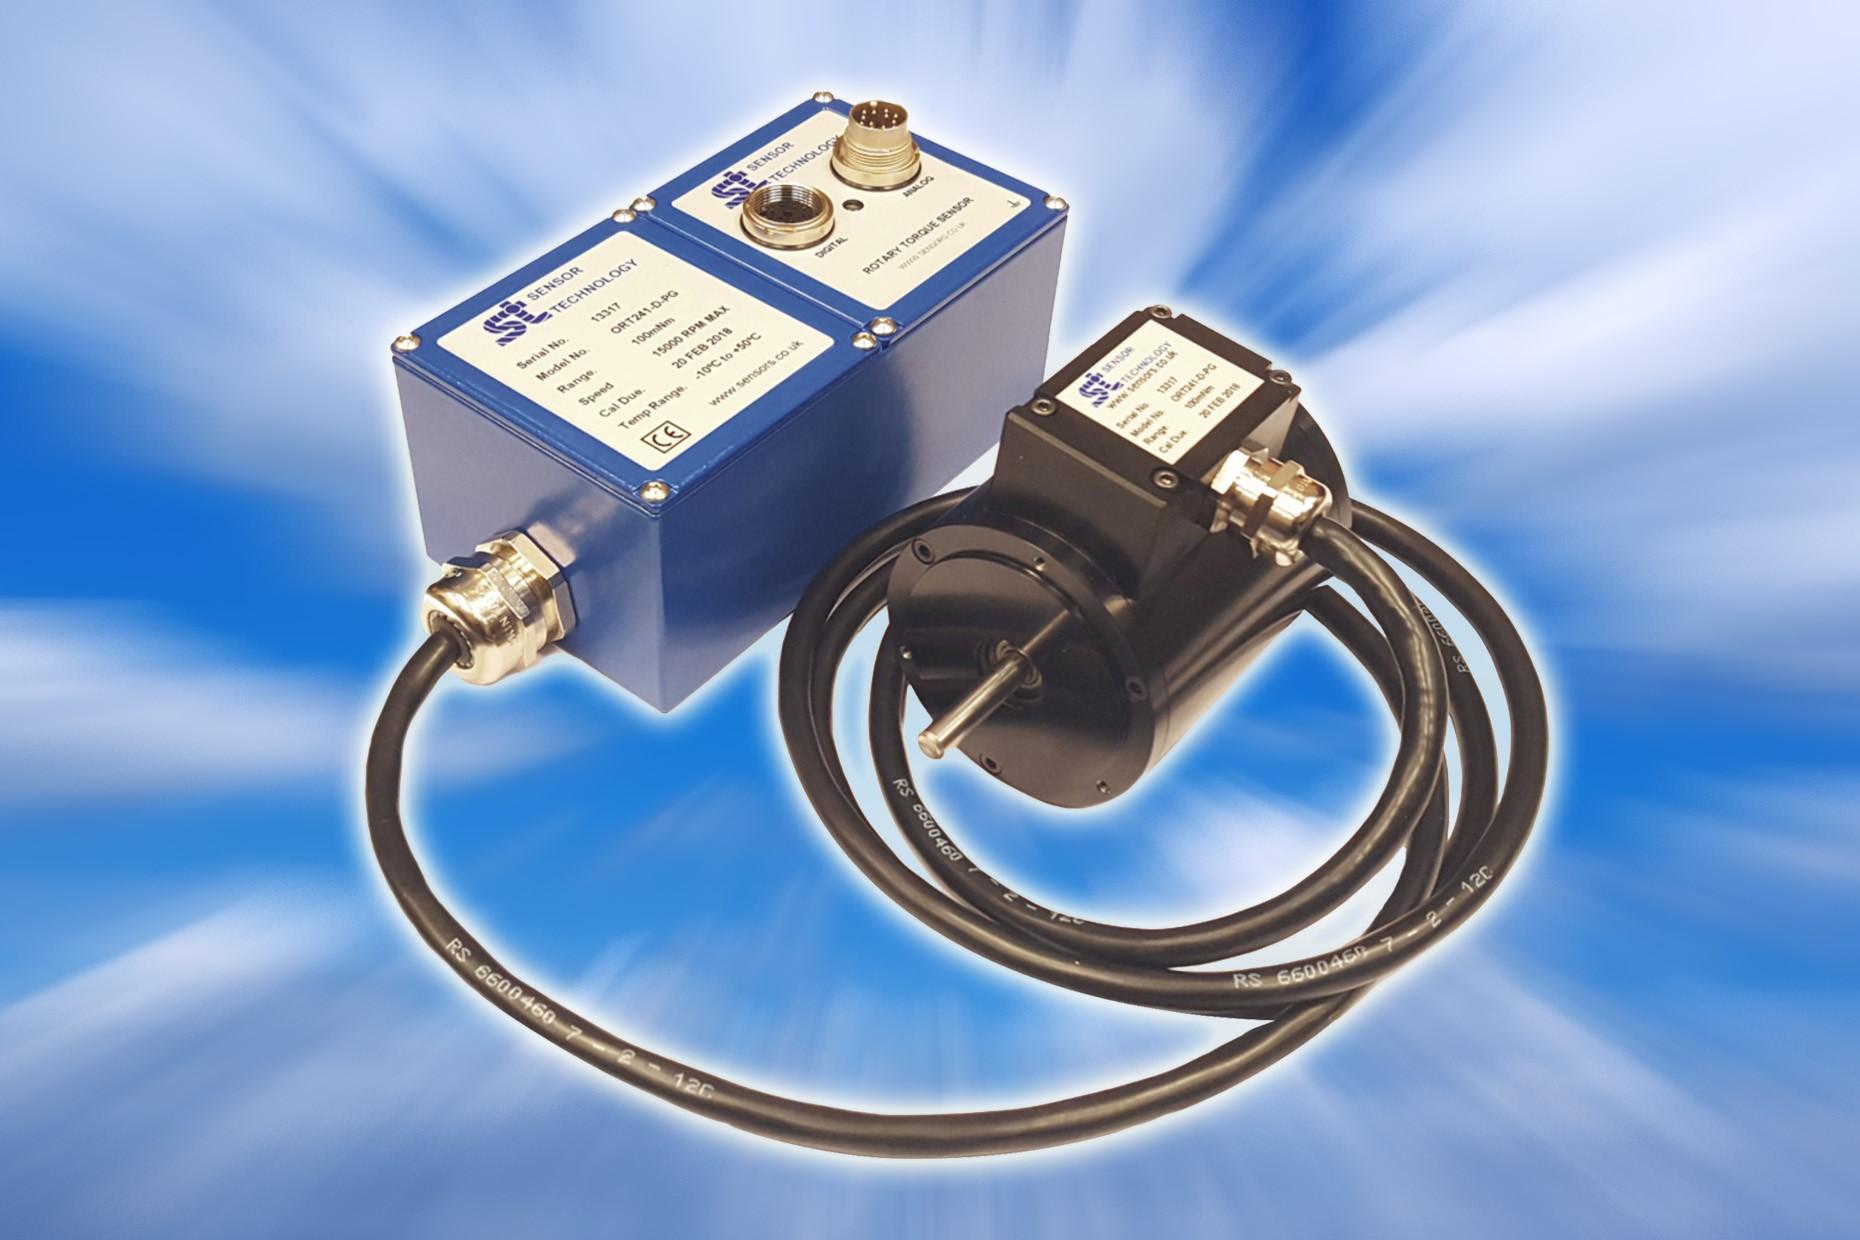 Sensor_Technology_Pharmaceutical_Developer.jpg